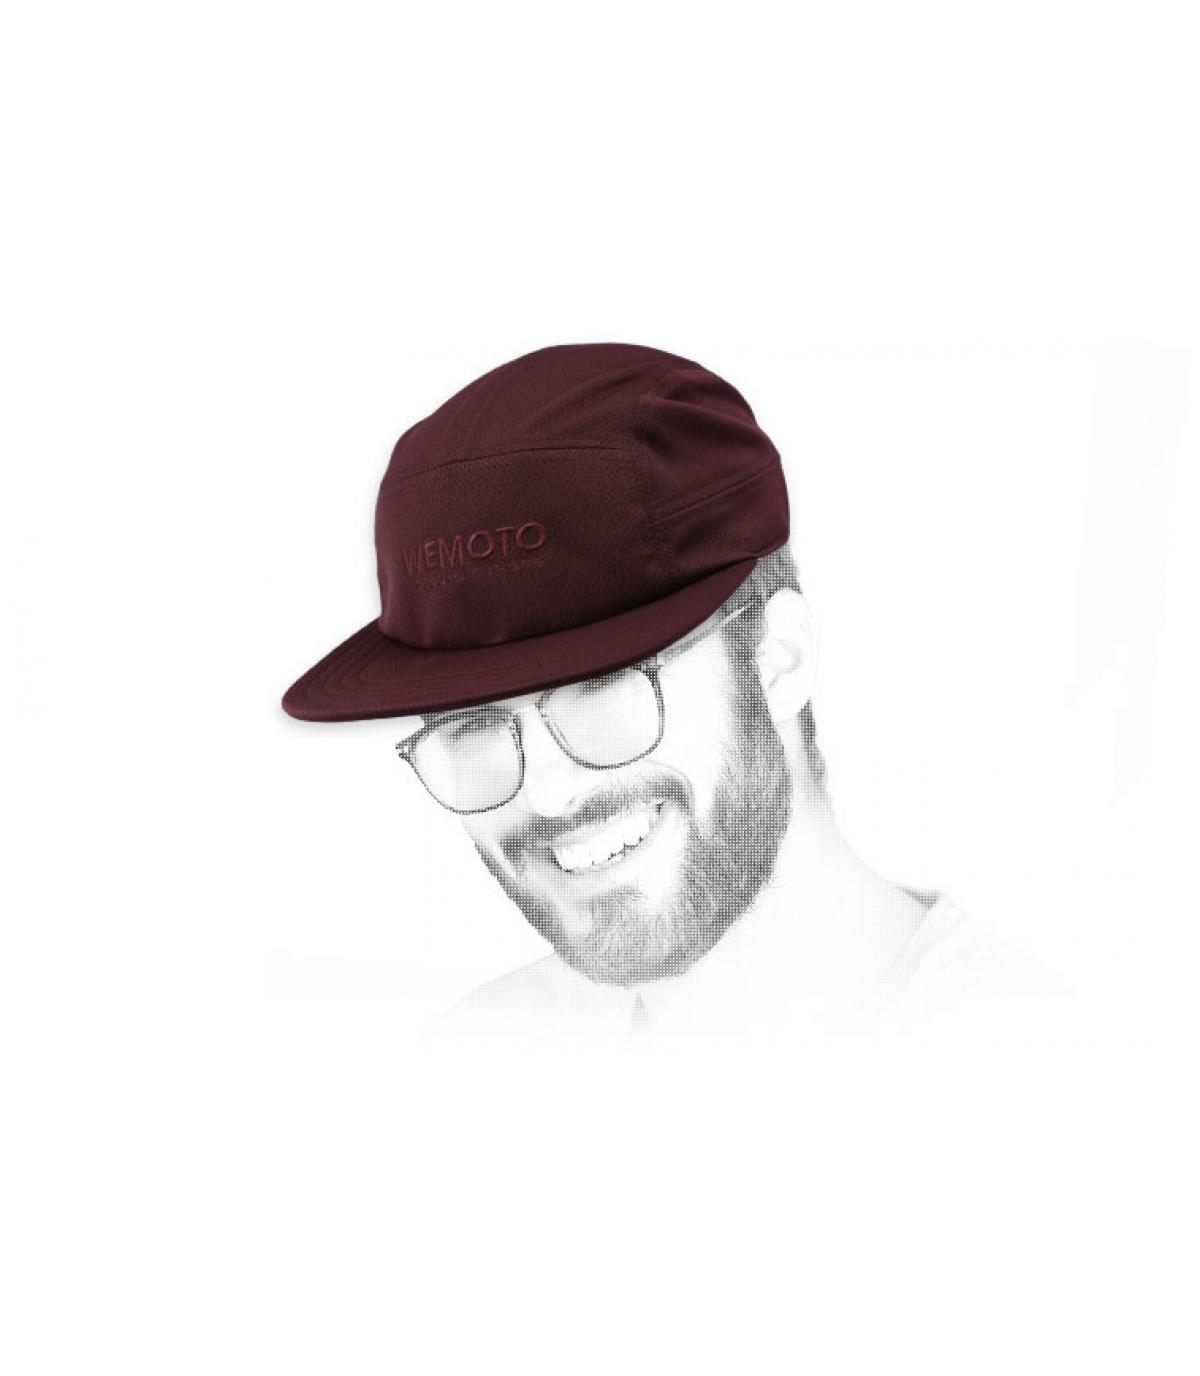 Cappellino Wemoto bordeaux a 5 pannelli